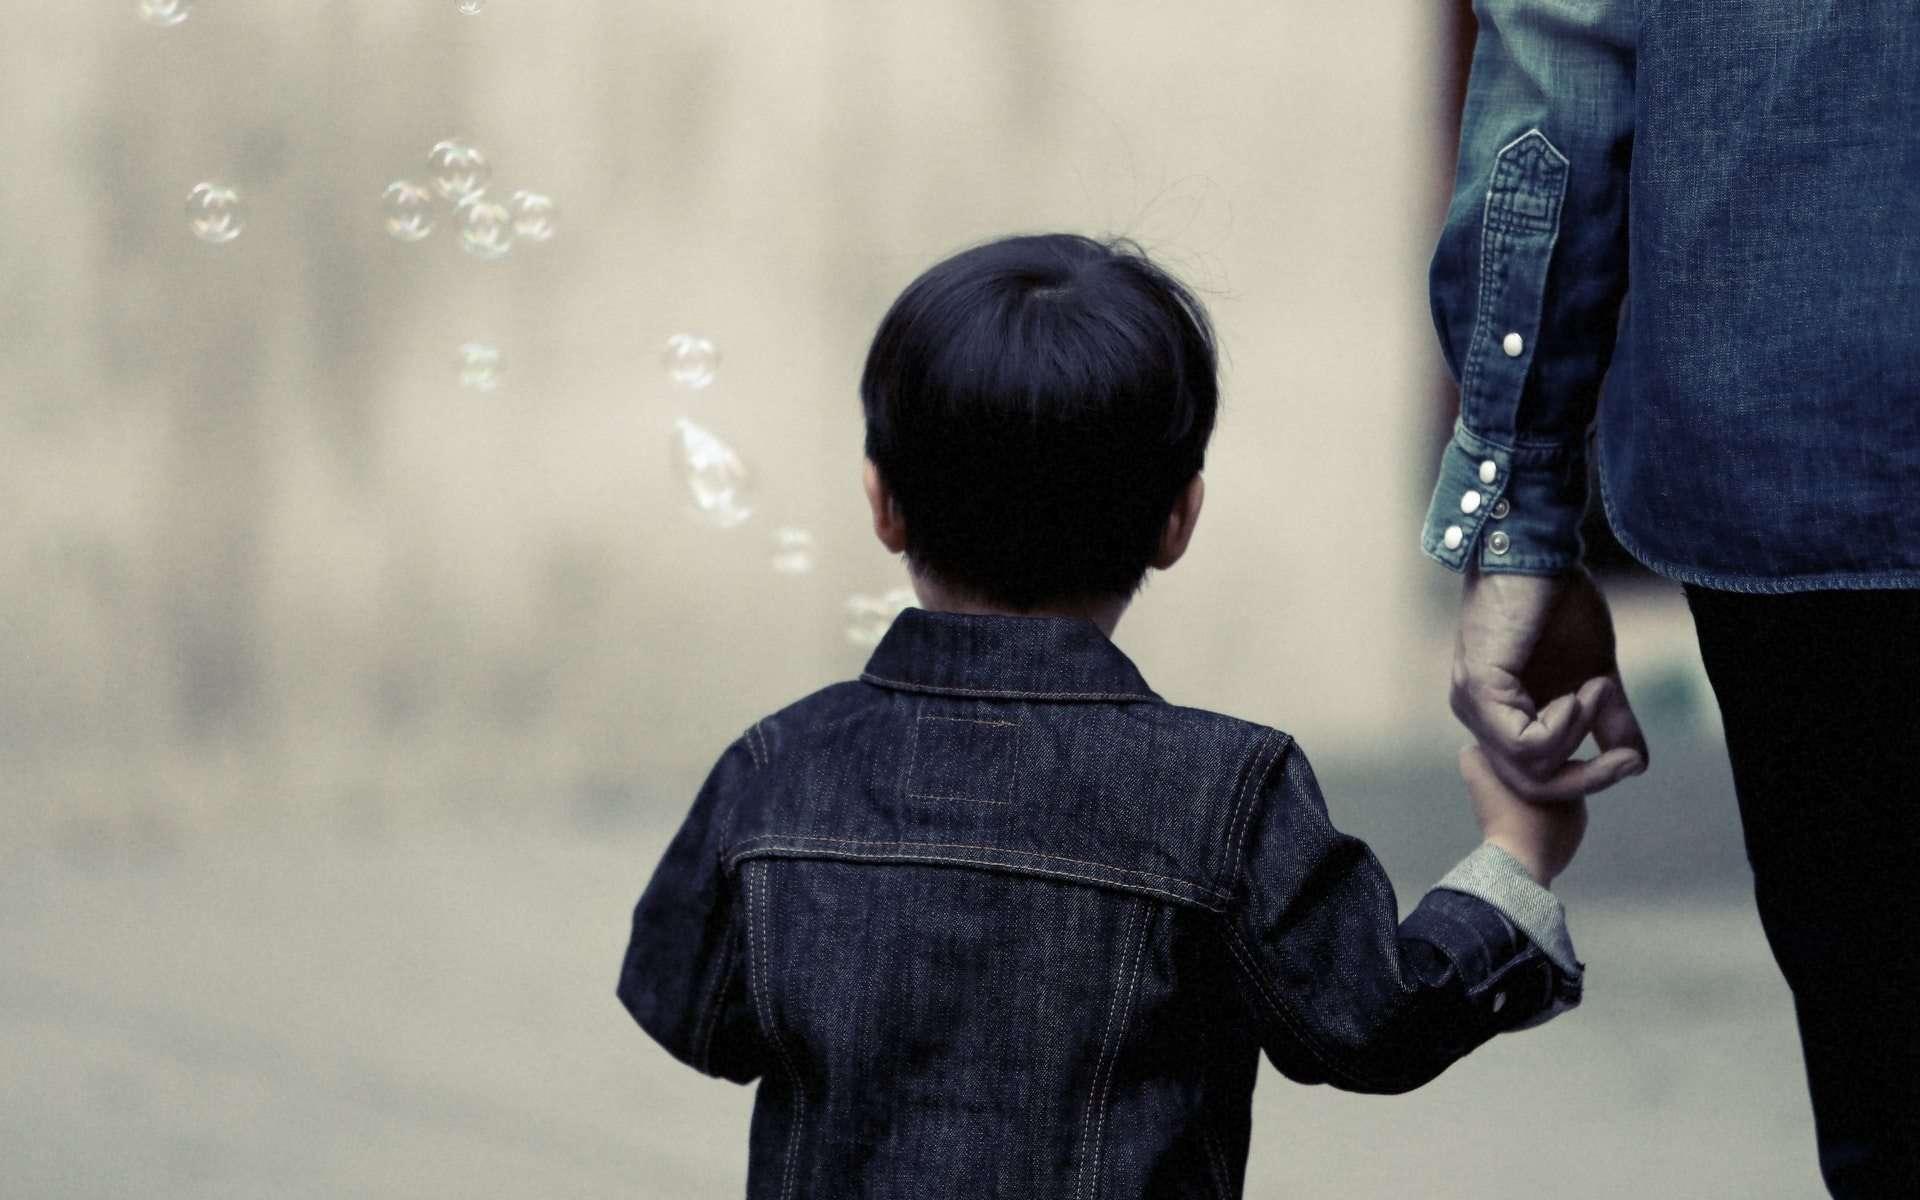 नाबालिग की कस्टडी निर्धारण में बच्चे की प्राथमिकताएं और झुकाव भी महत्वपूर्ण-सुप्रीम कोर्ट